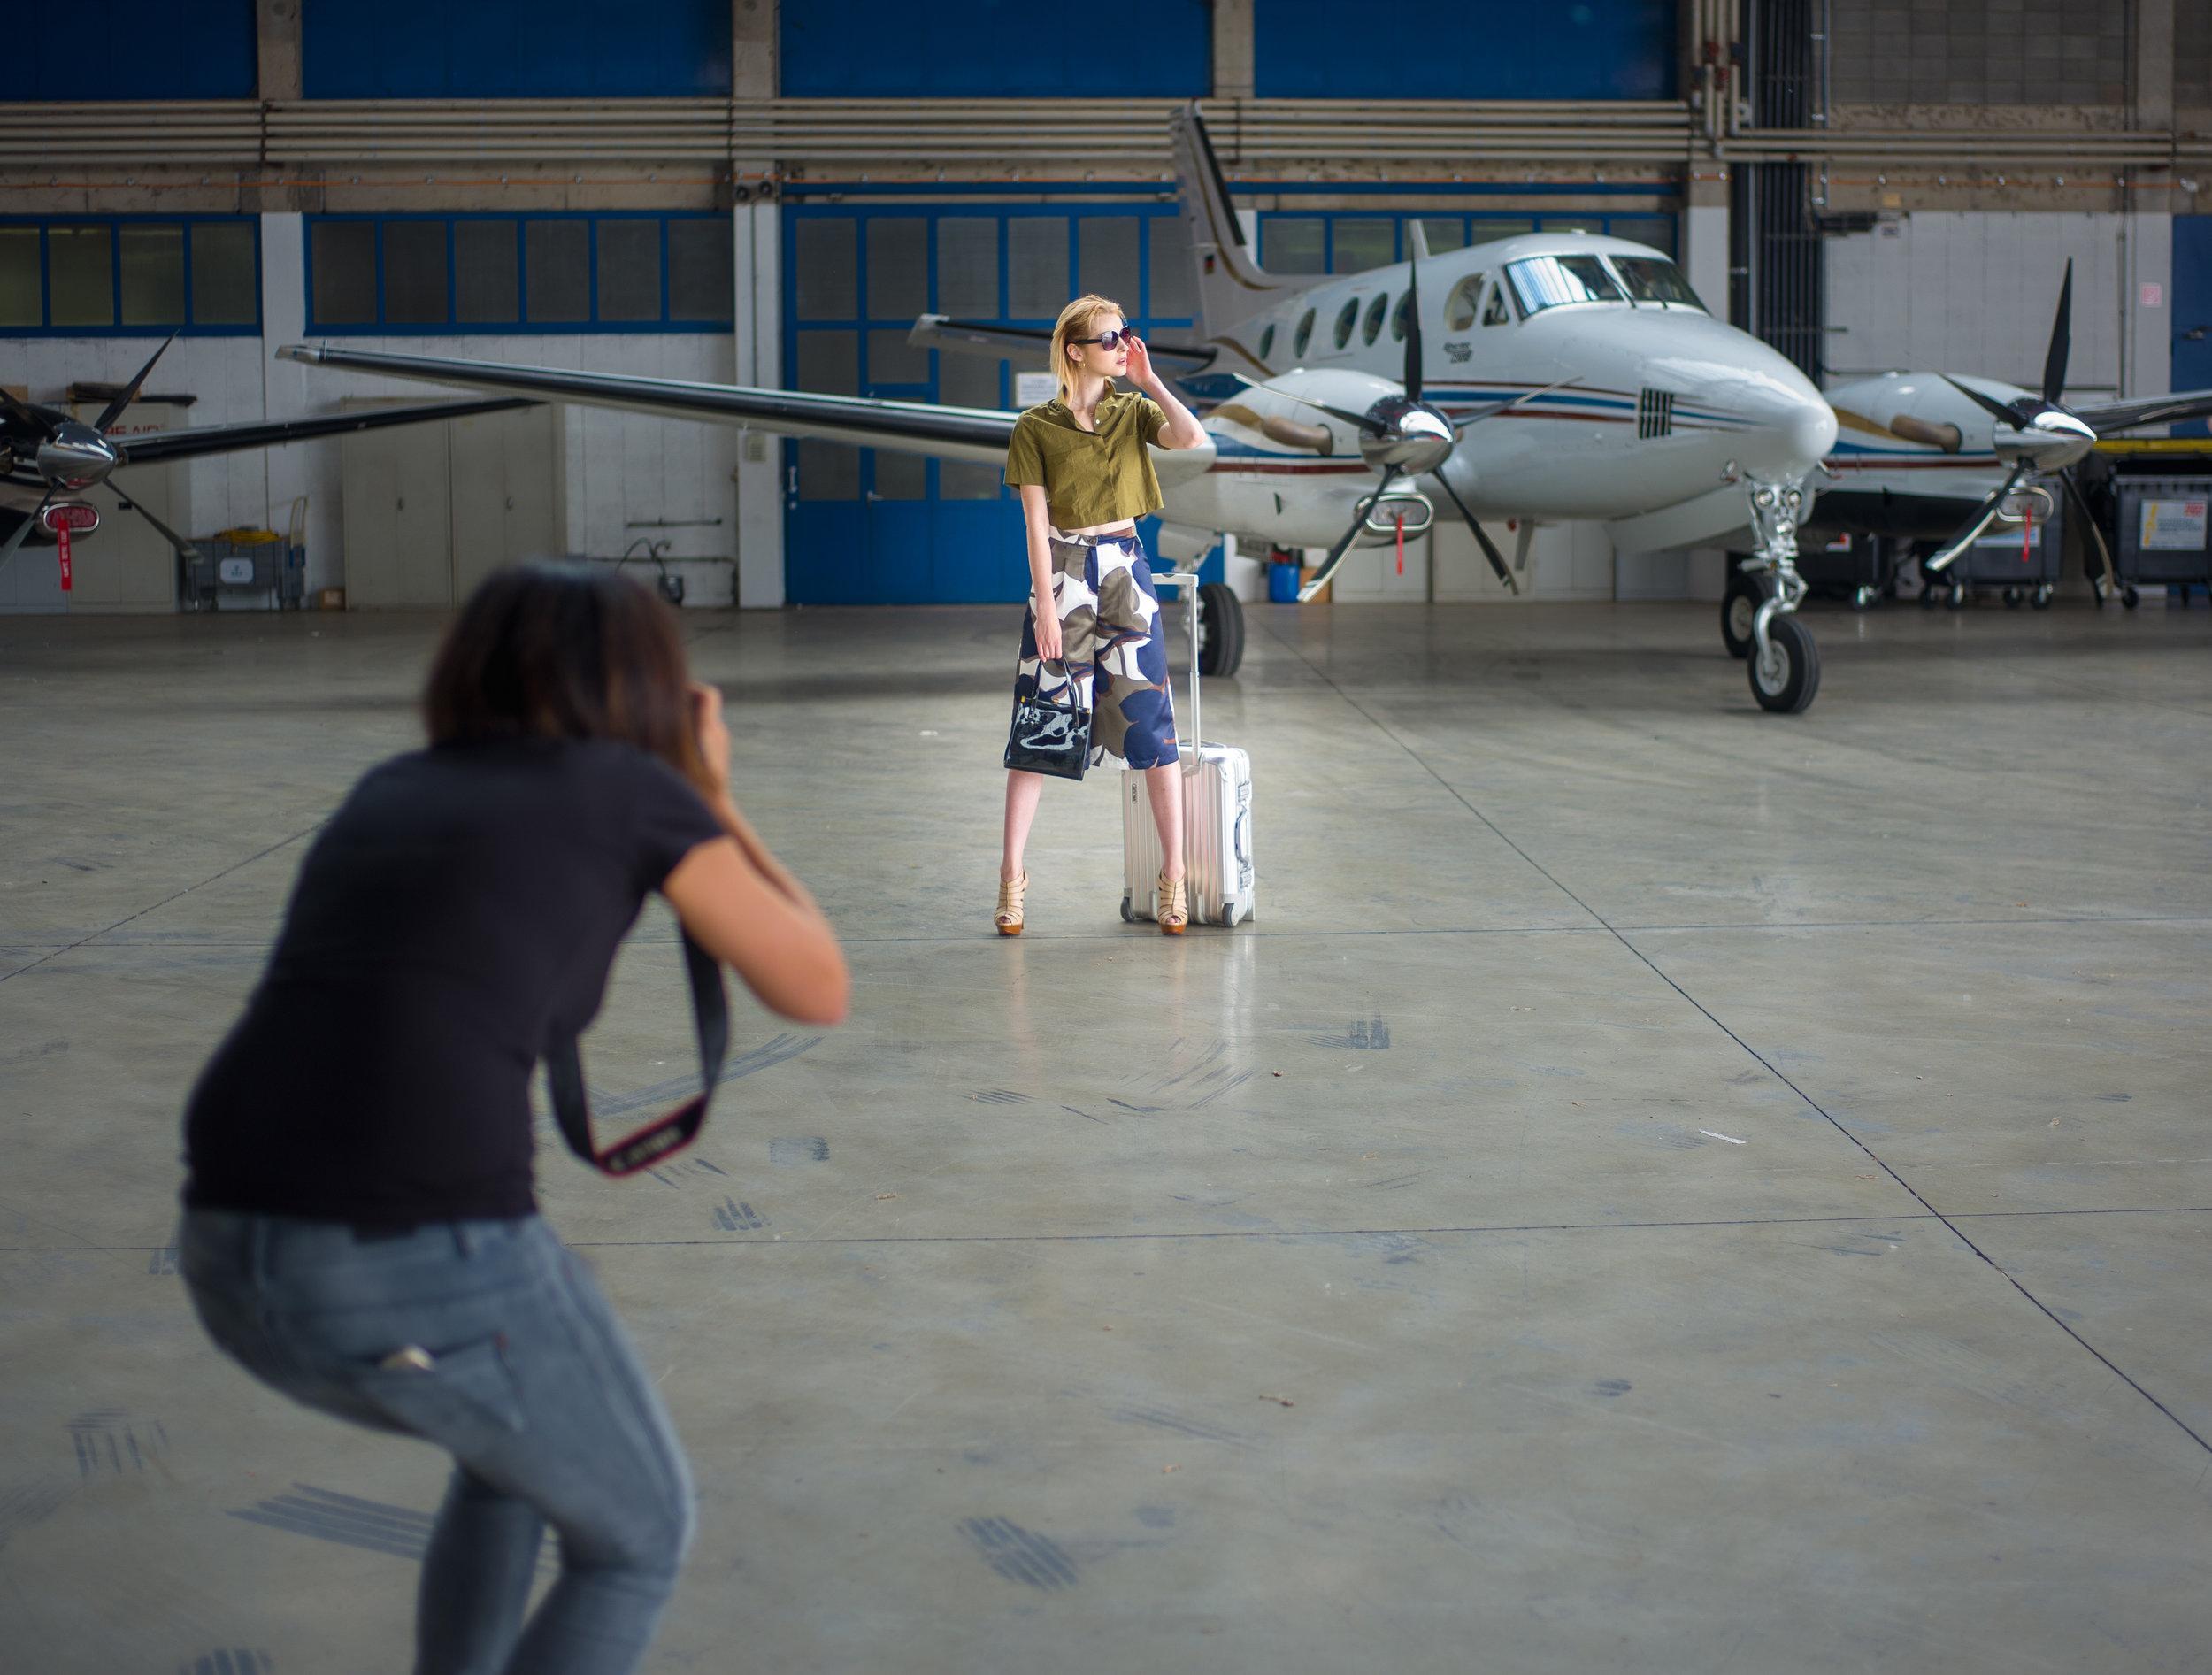 Making of, LIK Meisterklasse digitale Fotografie